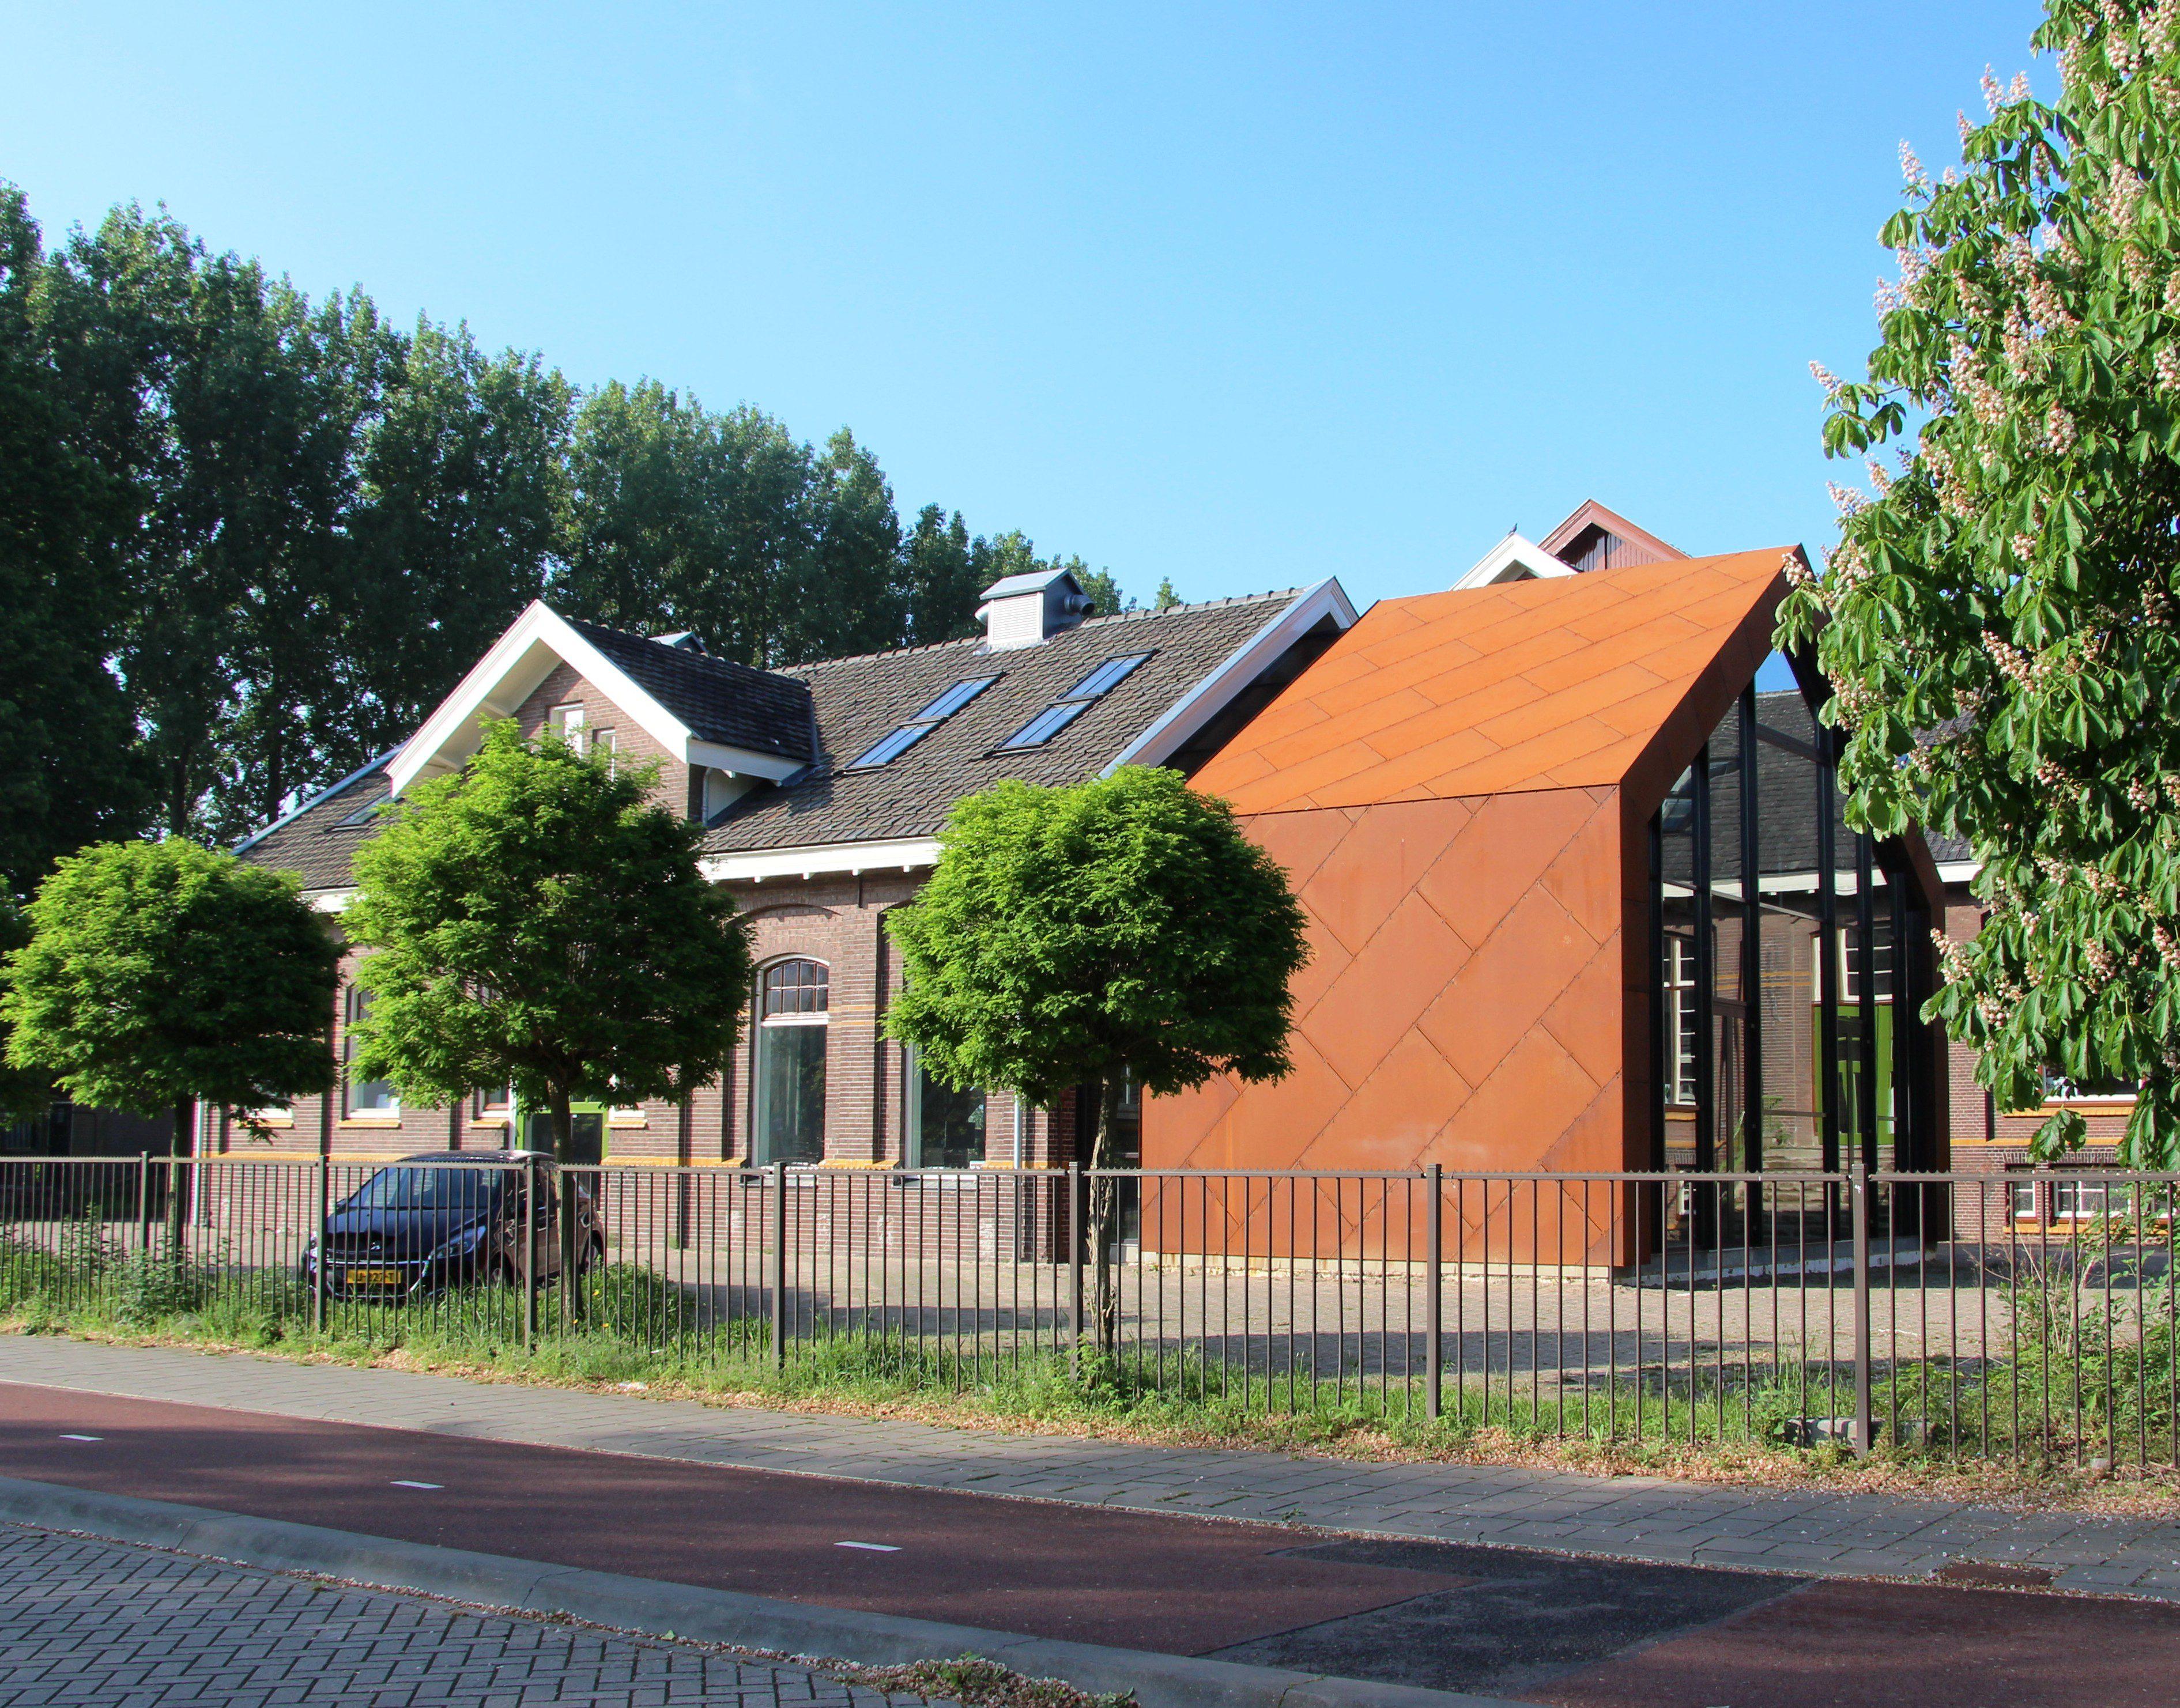 Gasfabriek Deventer, Metergebouw, Cortenstaal